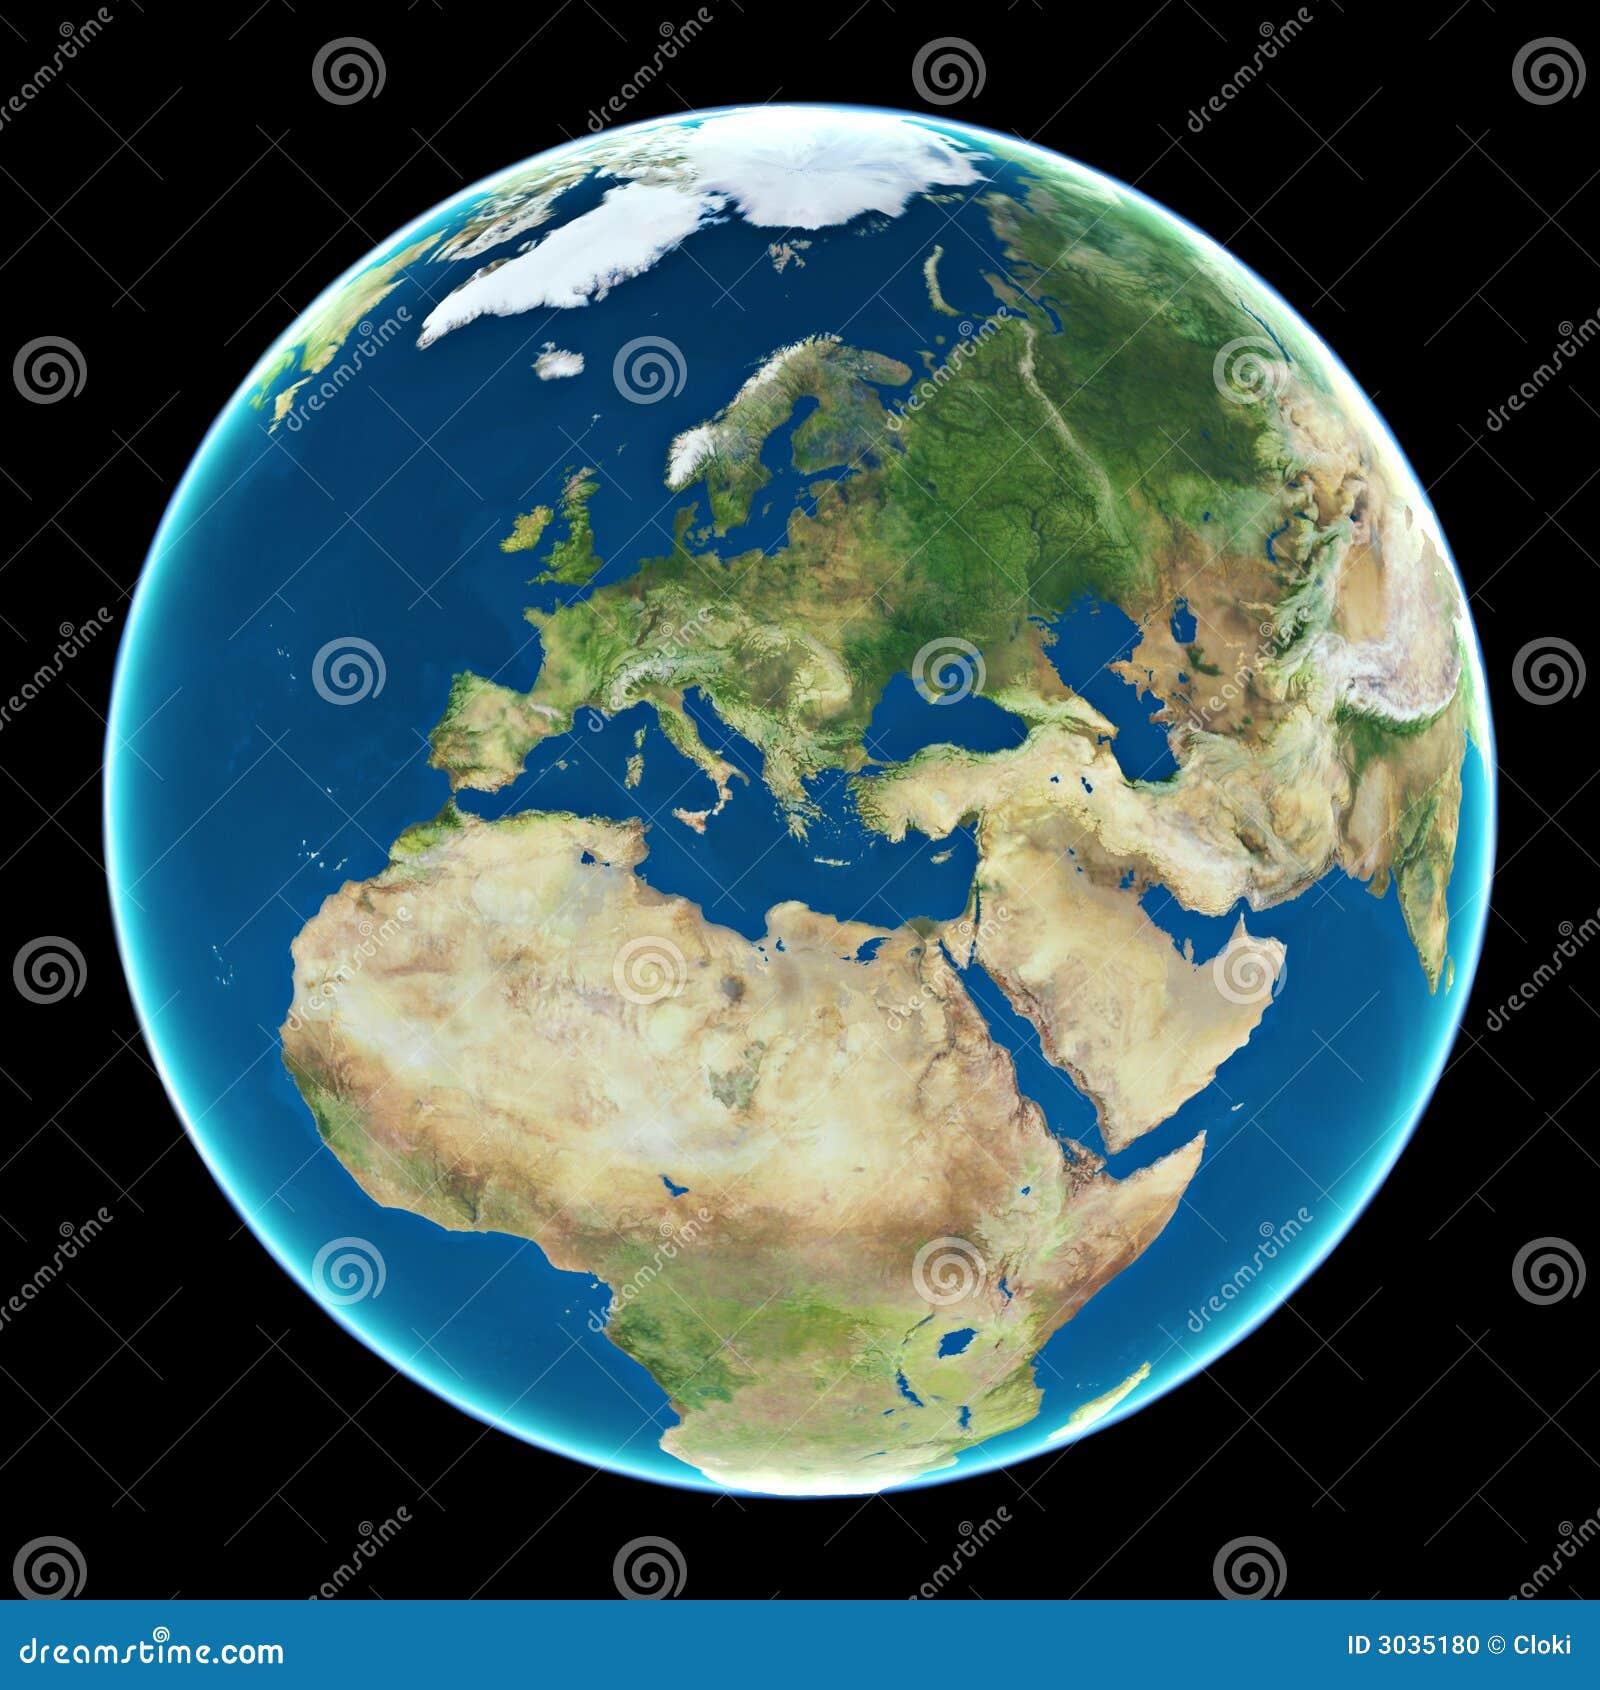 Europa auf Planet Erde